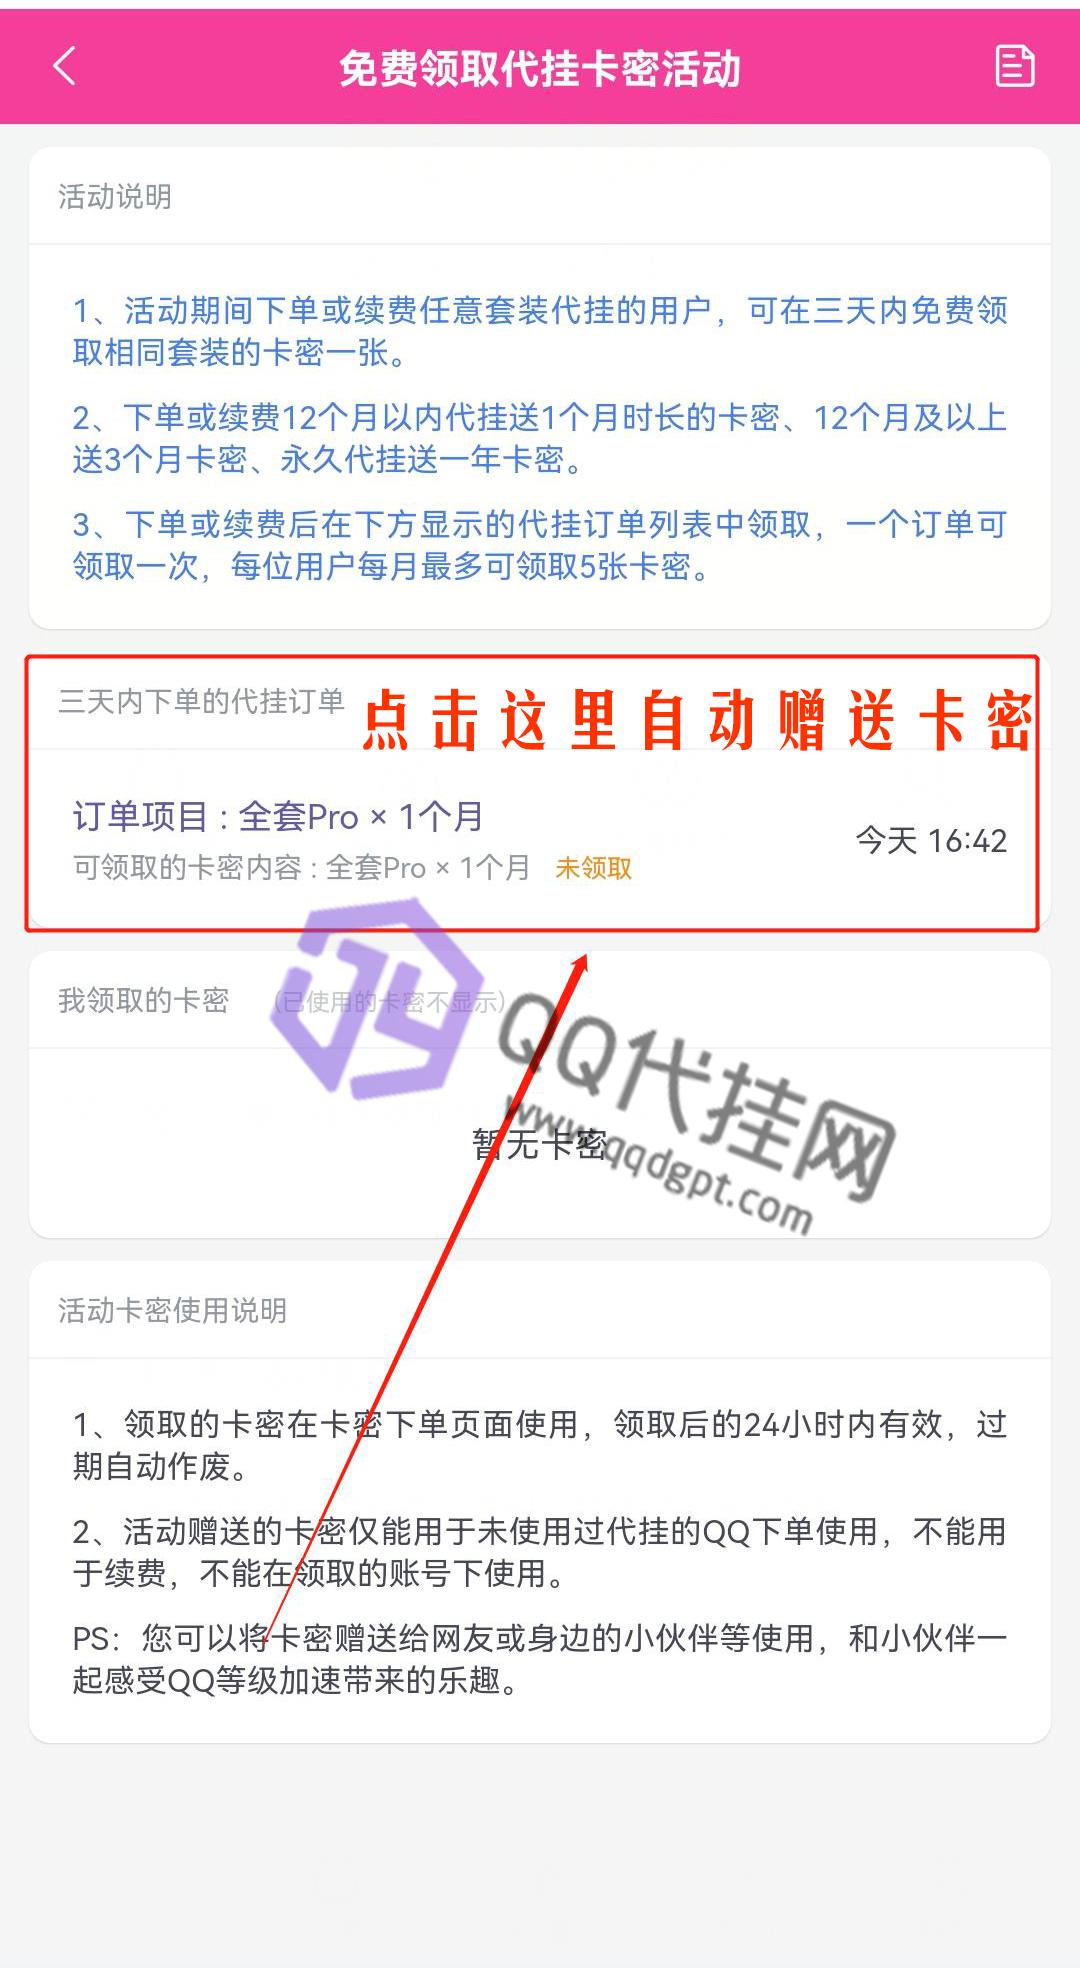 QQ代挂网回馈礼下单免费领卡密!